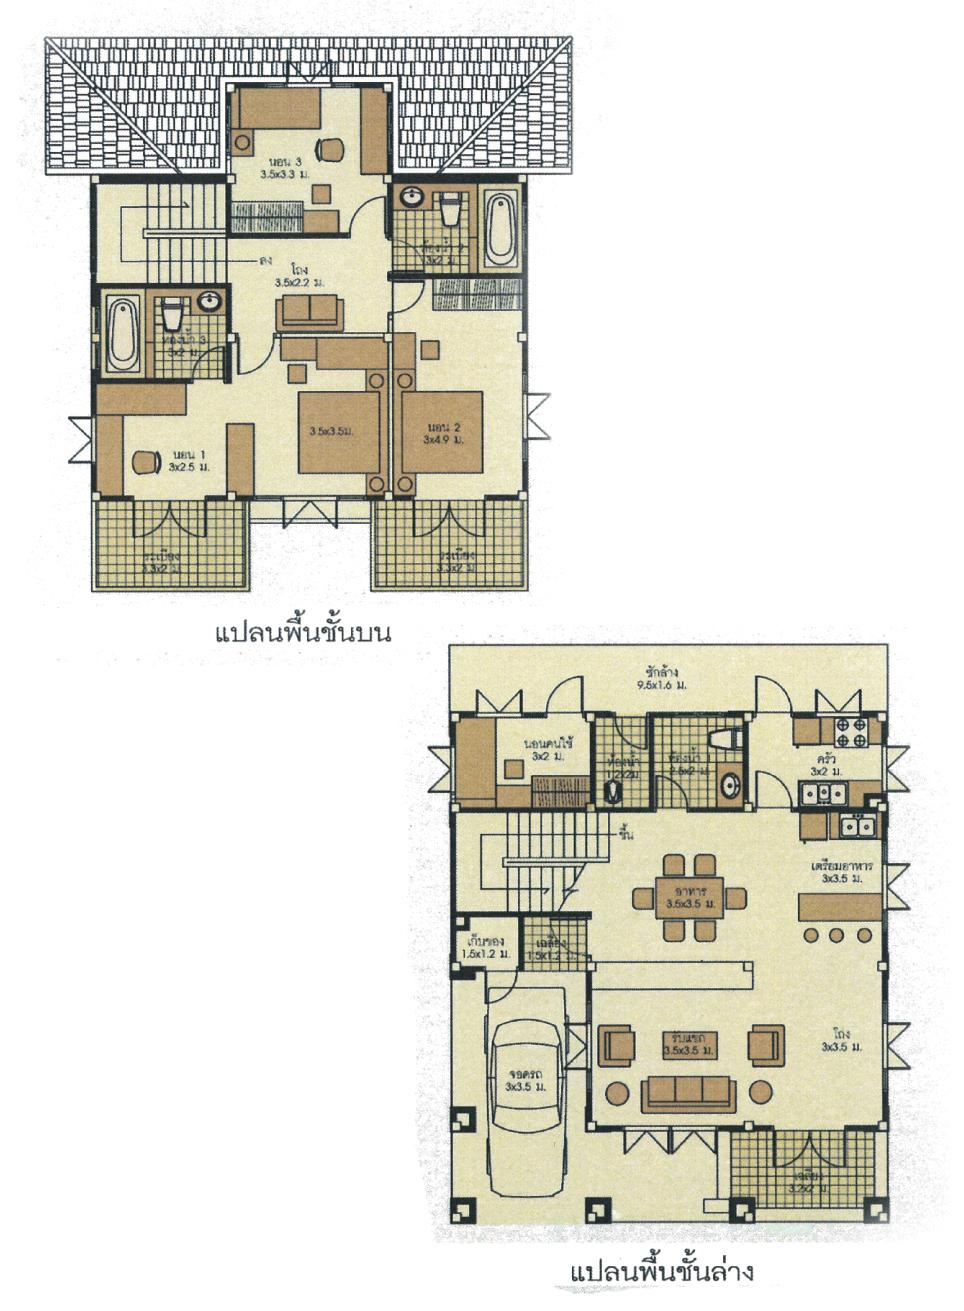 แบบบ้านสองชั้น 3 ห้องนอน 3 ห้องน้ำ 211 ตร.ม ราคา 2.11ล้าน (สราญจิต 2)